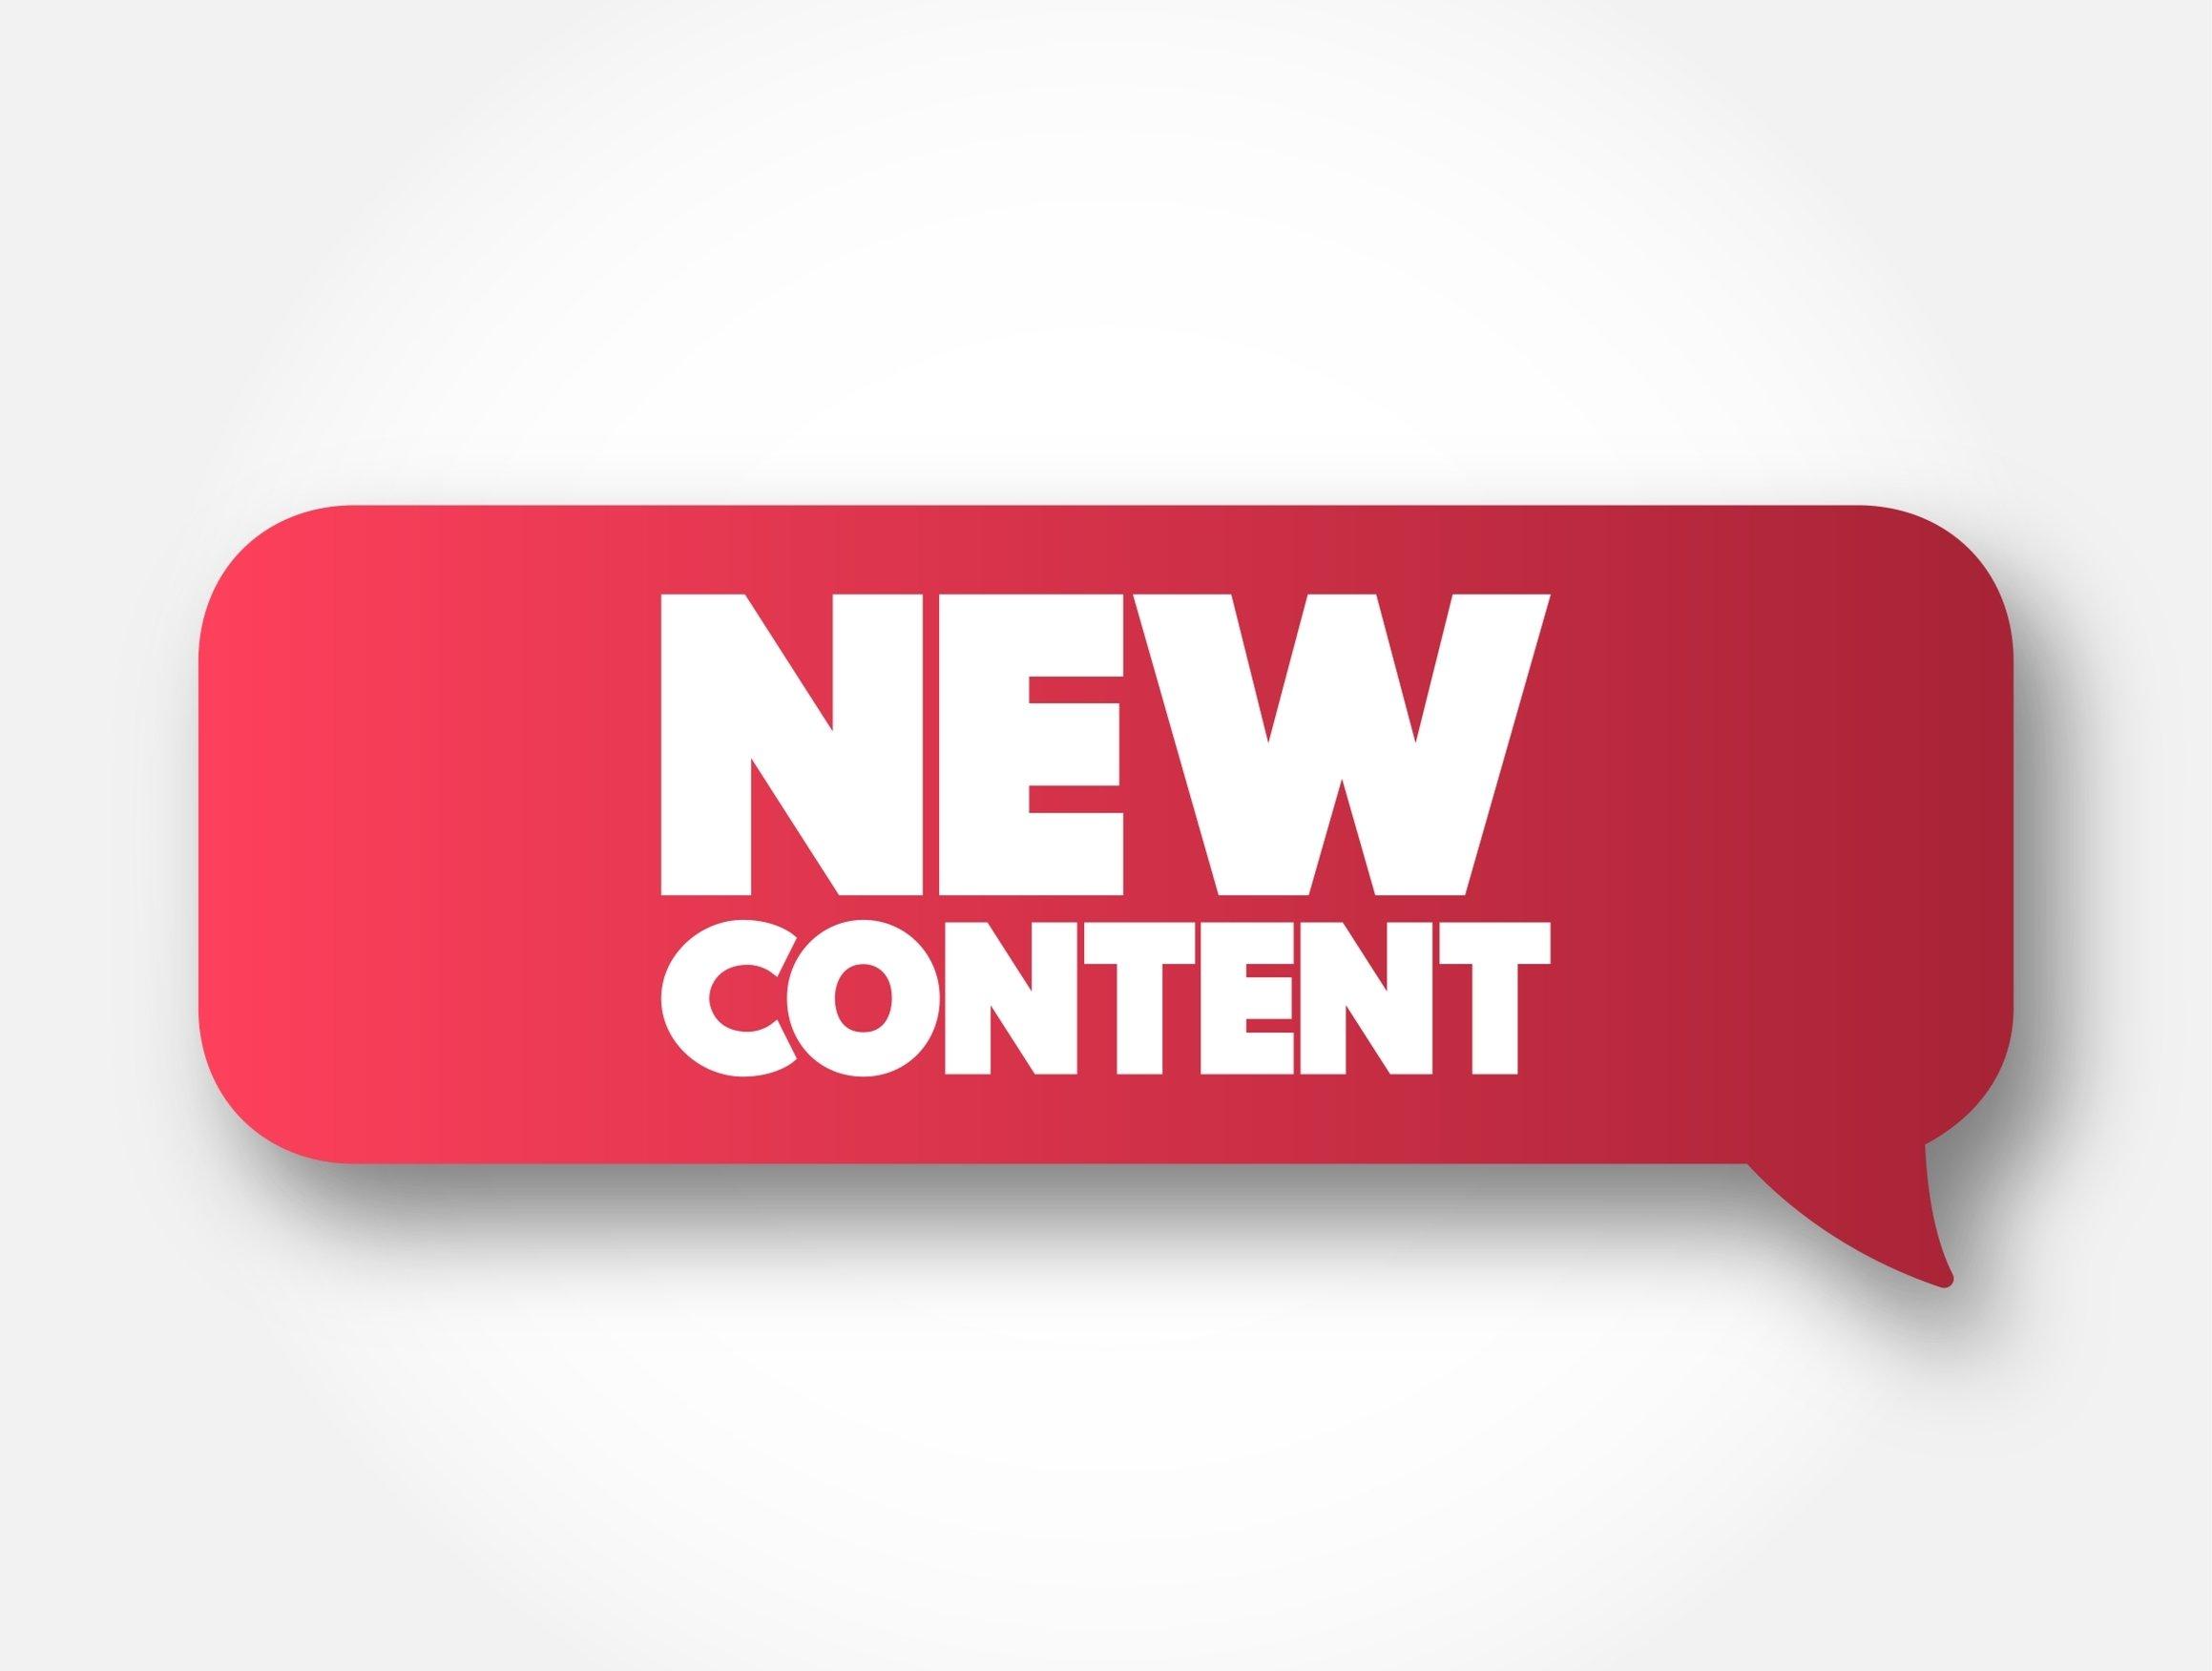 Creatively Repurpose Content